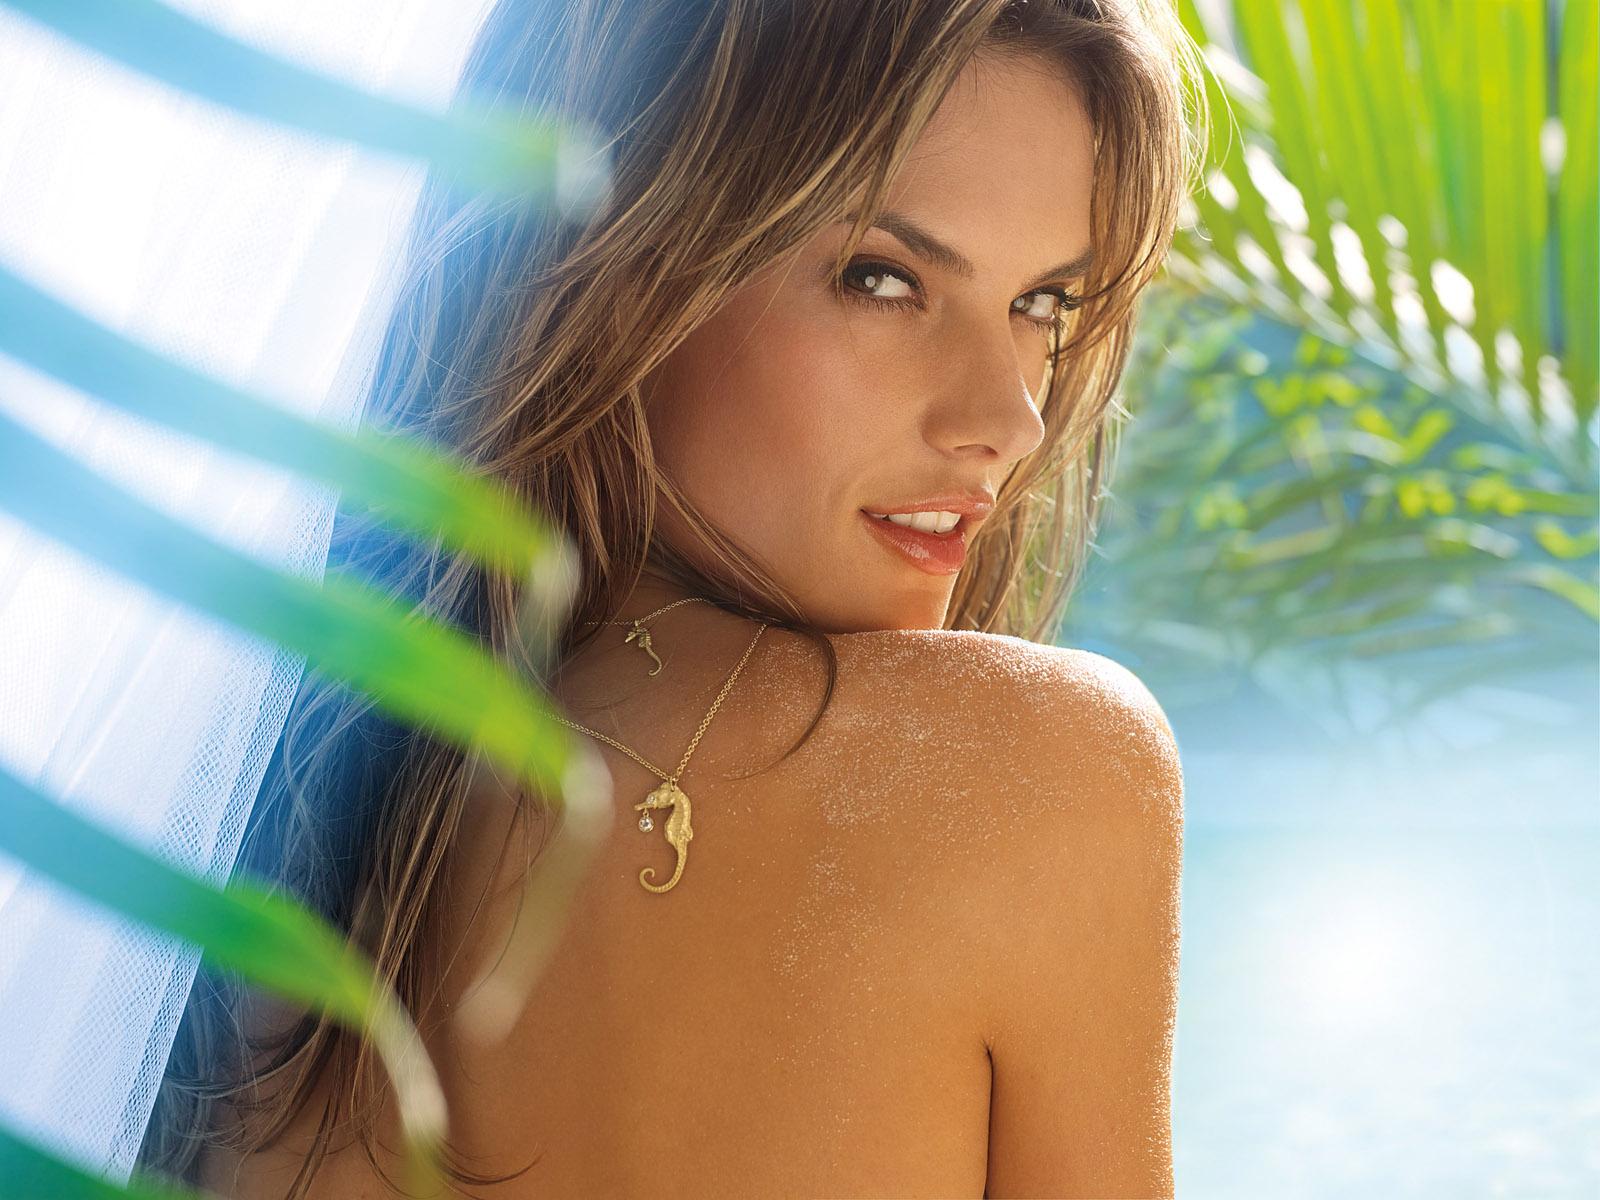 http://2.bp.blogspot.com/-fAaw958yEEU/TrPtNO6V-9I/AAAAAAAAACw/T8rP32FGvIc/s1600/Alessandra-Ambrosio-desktop-Wallpapers-35.jpg